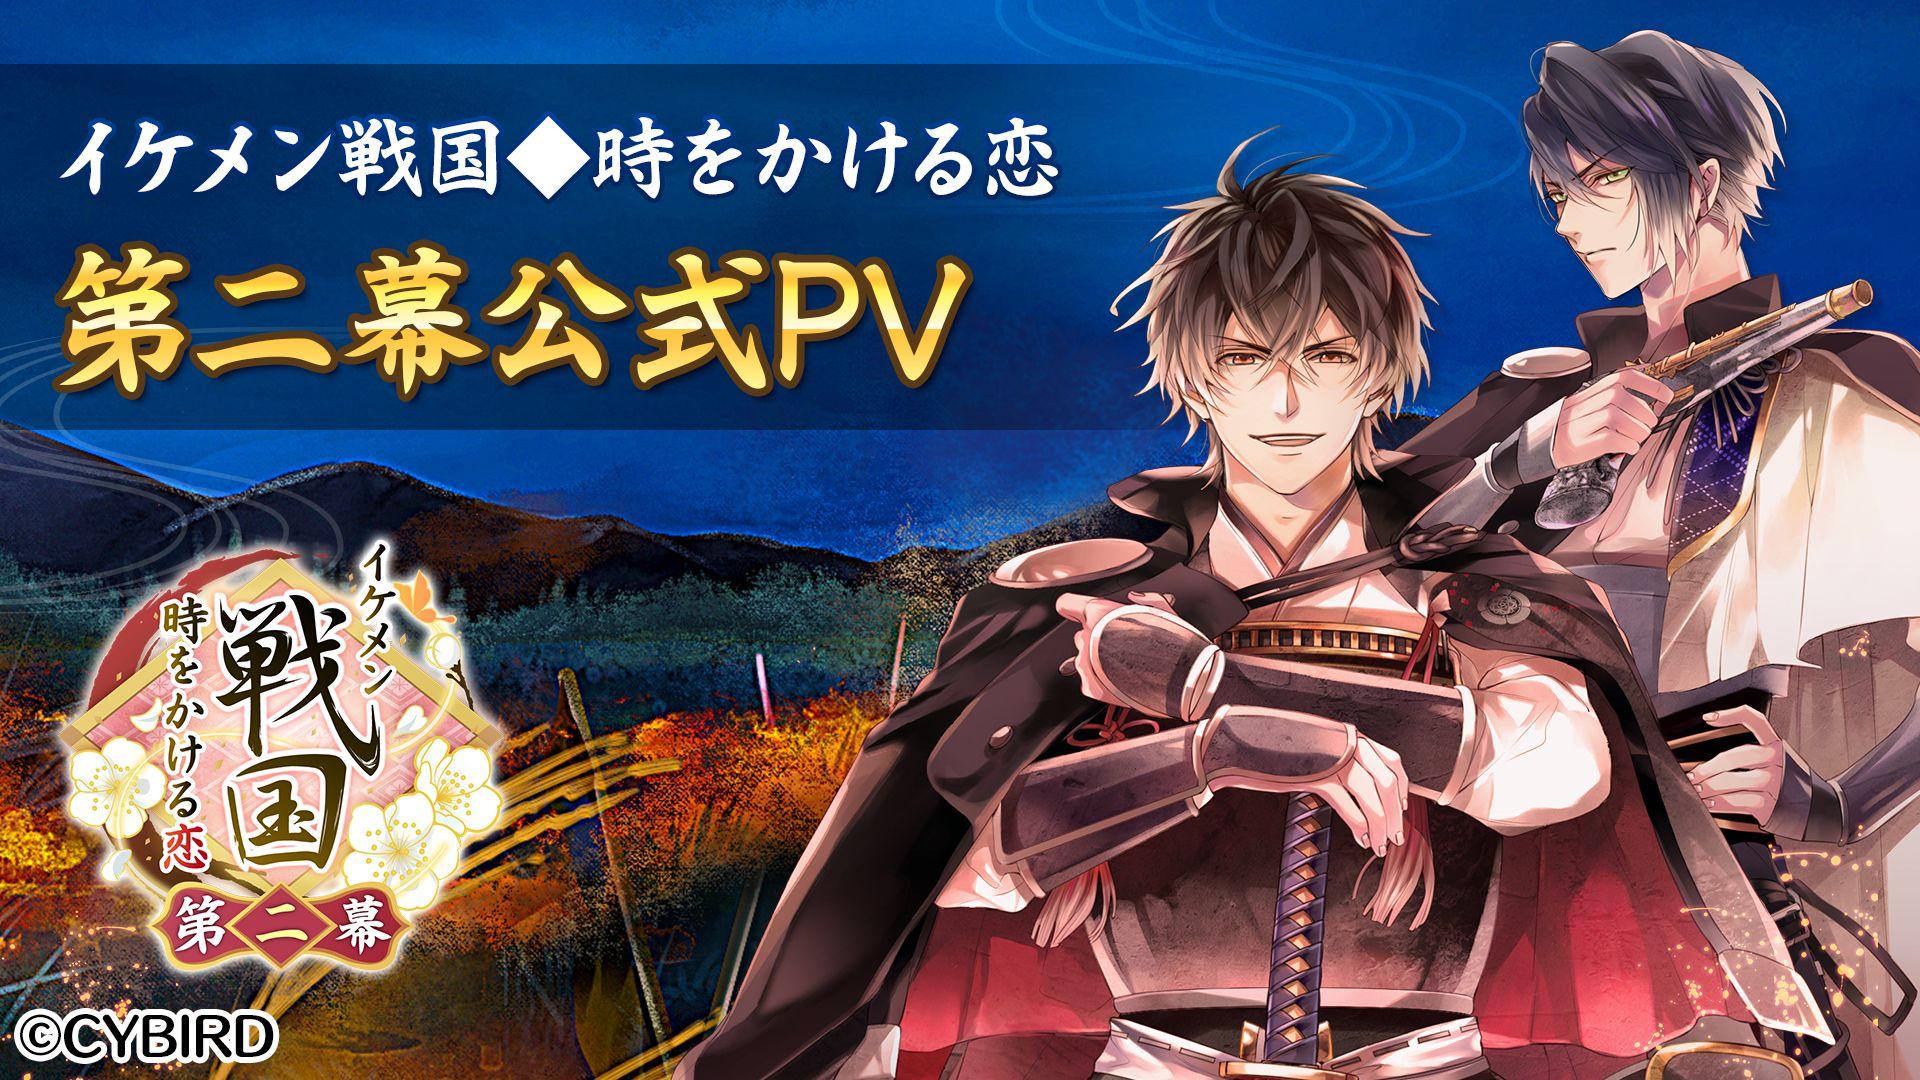 『イケメン戦国◆時をかける恋』第二幕最新PV公開&プロローグのフルボイス化決定!